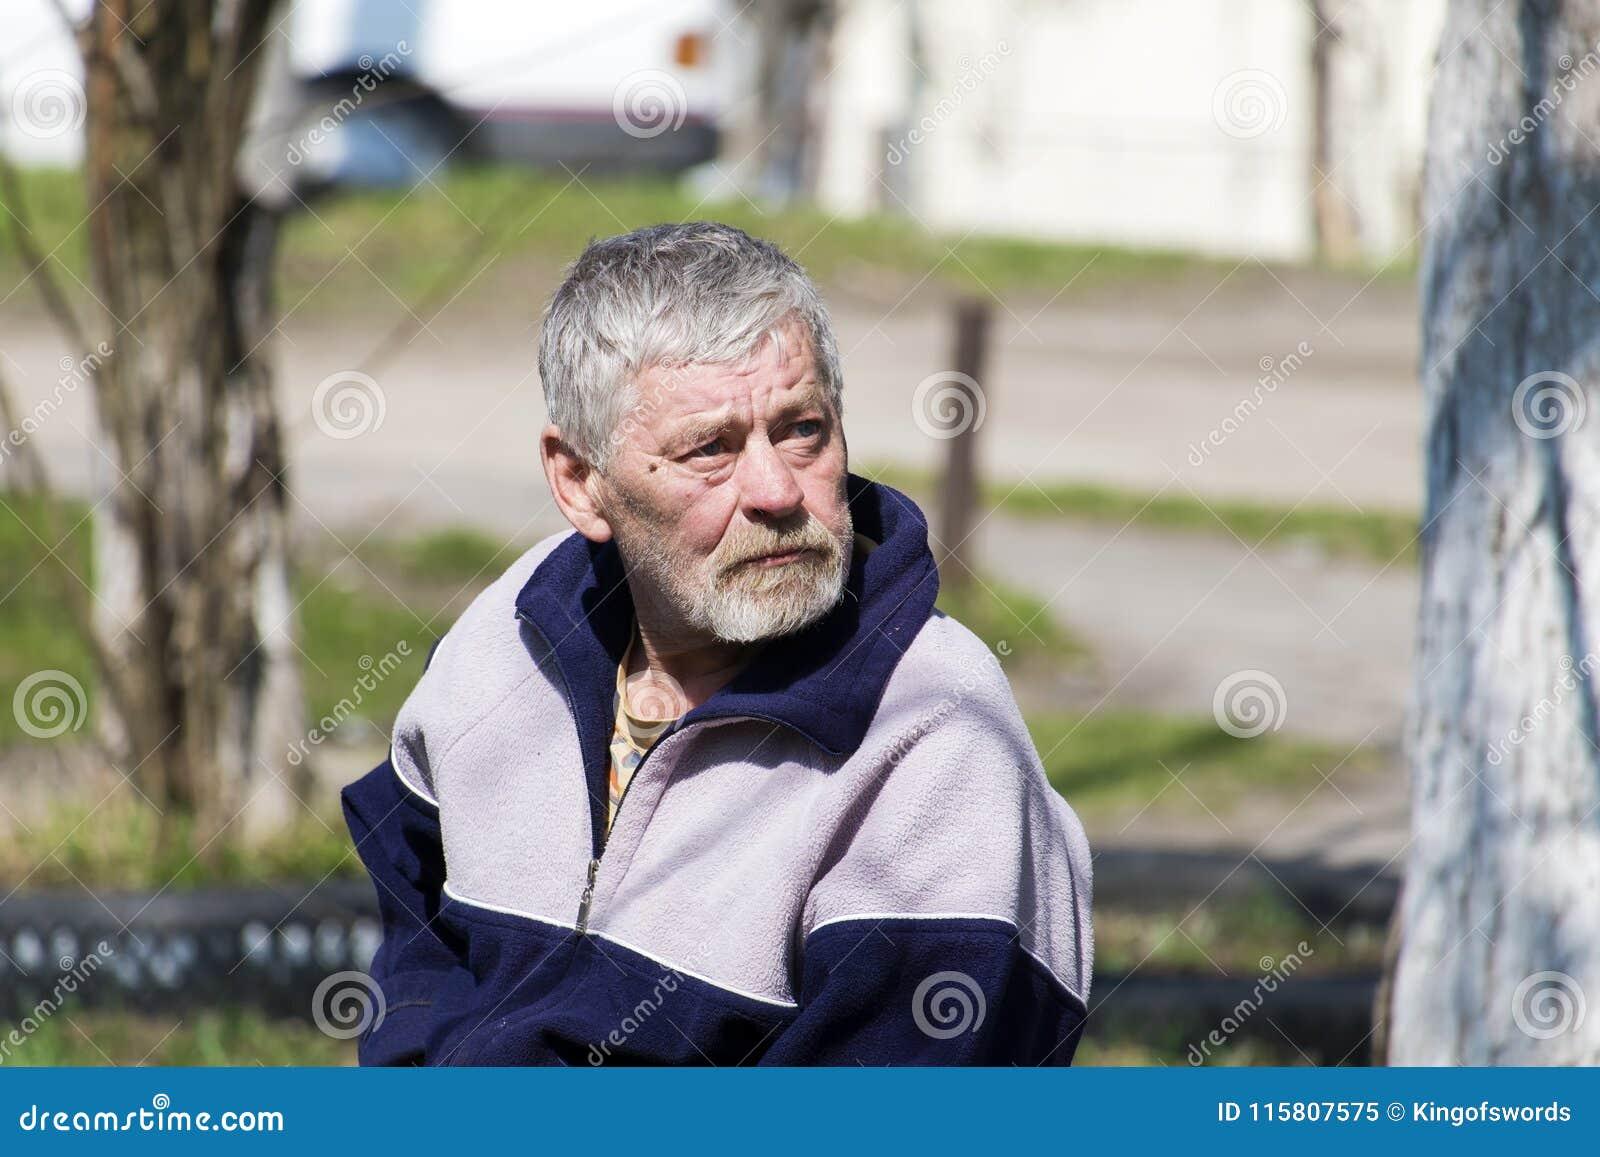 Το ηλικιωμένο γενειοφόρο άτομο με τη θλίψη στα μάτια του ανατρέχει